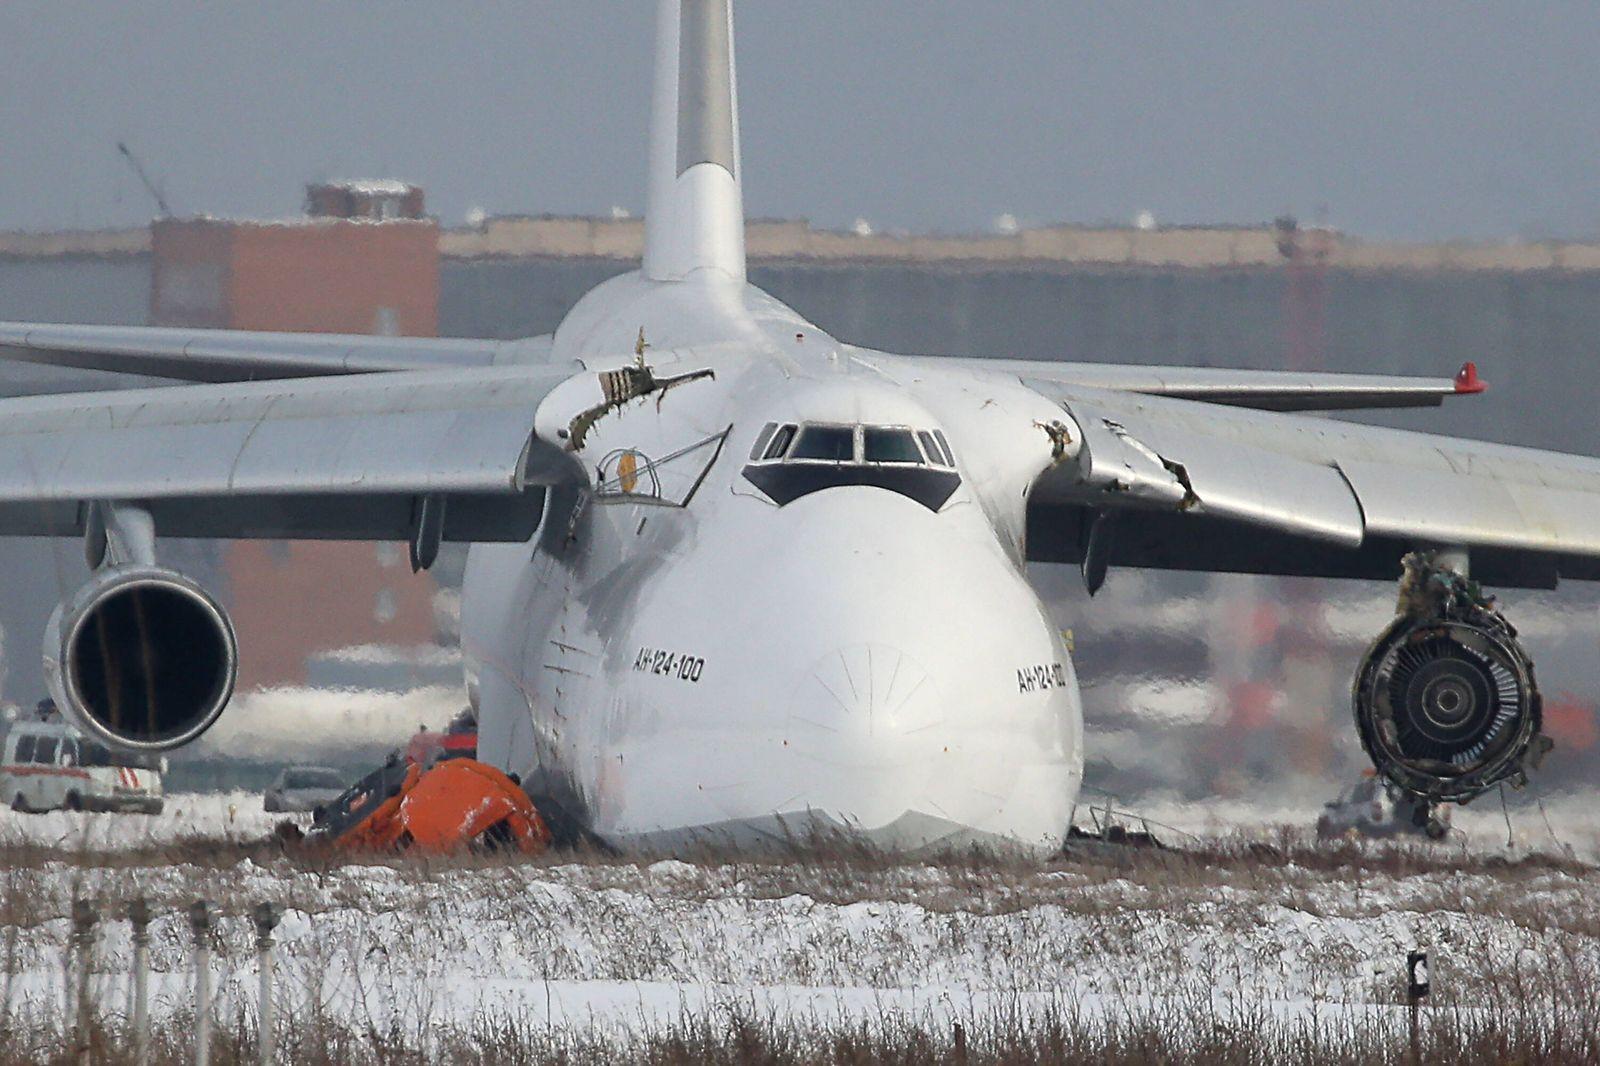 News Themen der Woche KW46 News Bilder des Tages NOVOSIBIRSK, RUSSIA - NOVEMBER 13, 2020: An Antonov An-124 Ruslan heavy